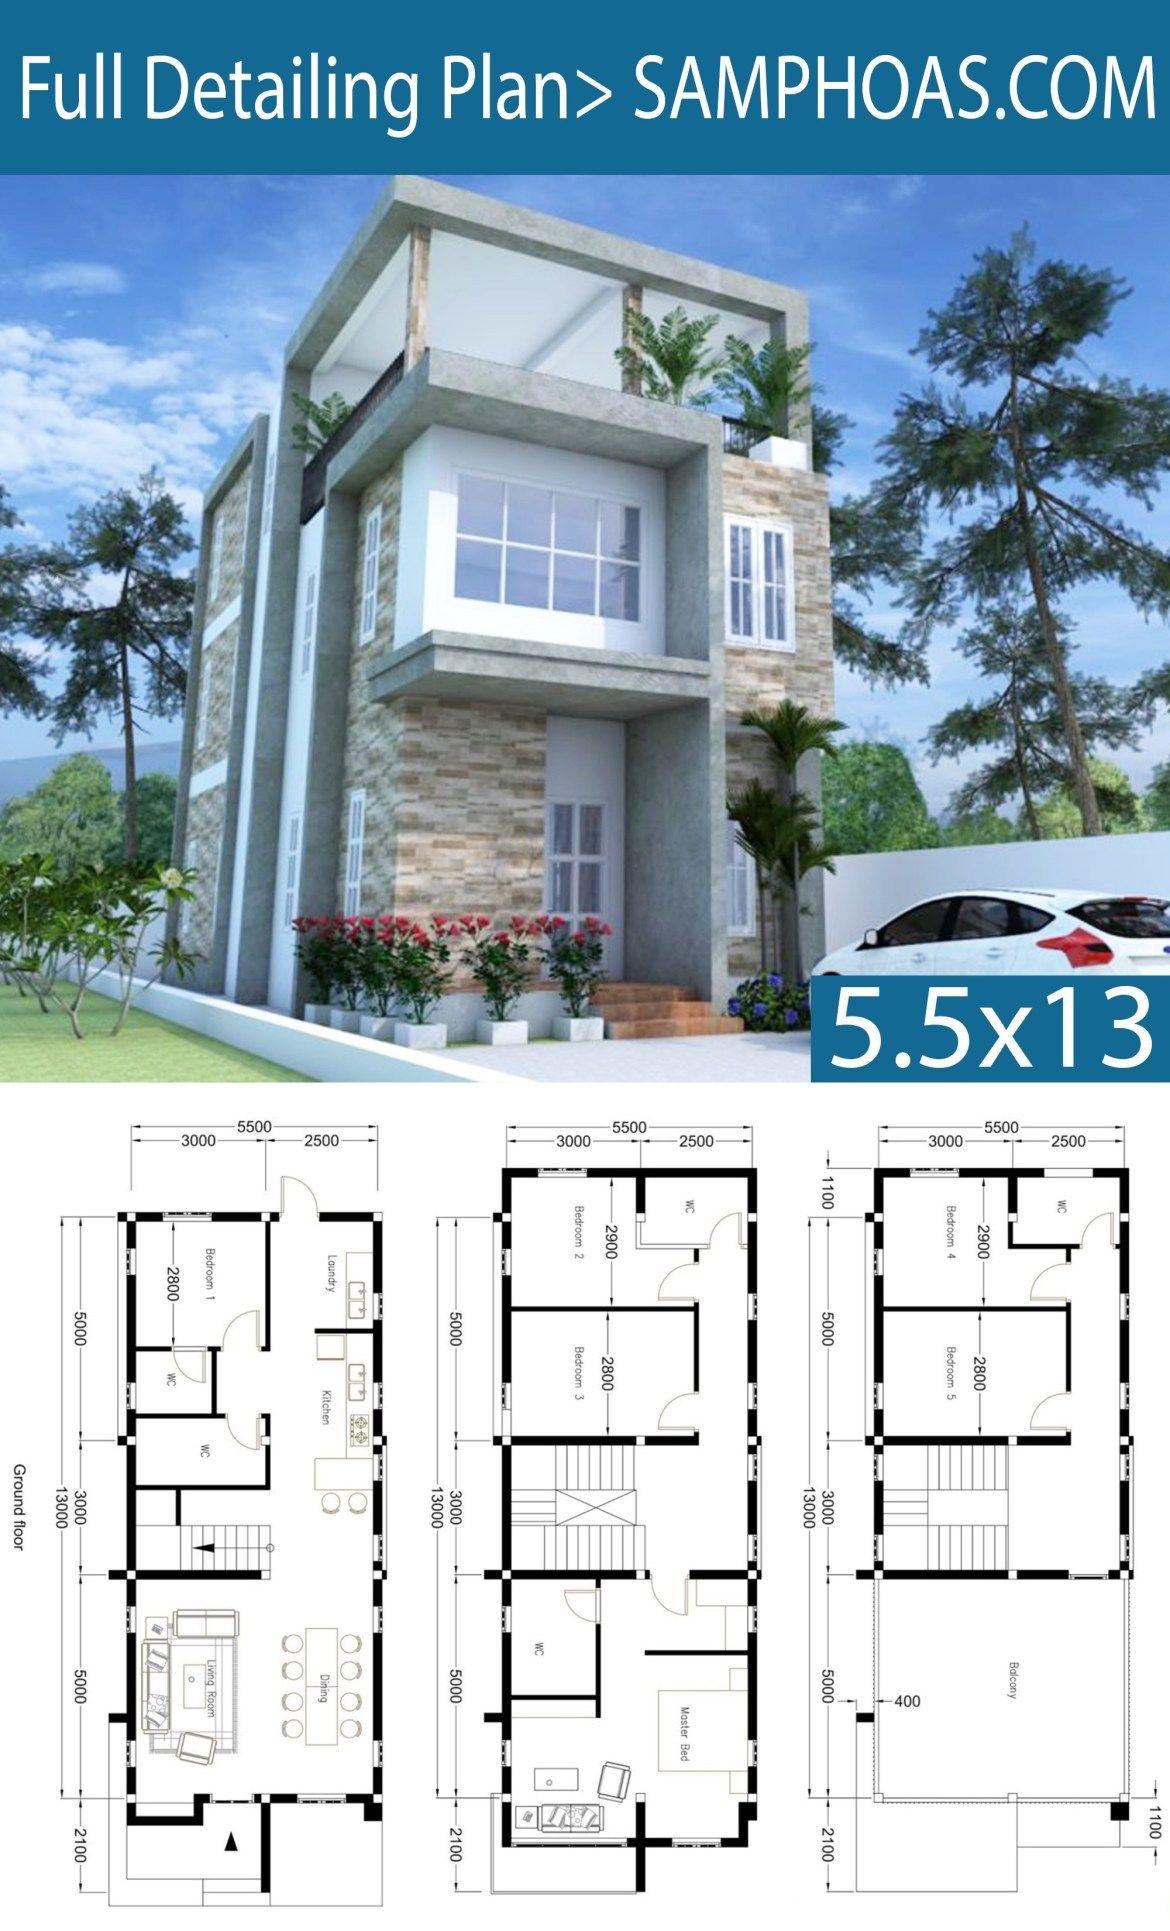 Modern Home Plan 55x13m With 6 Bedroom Samphoas